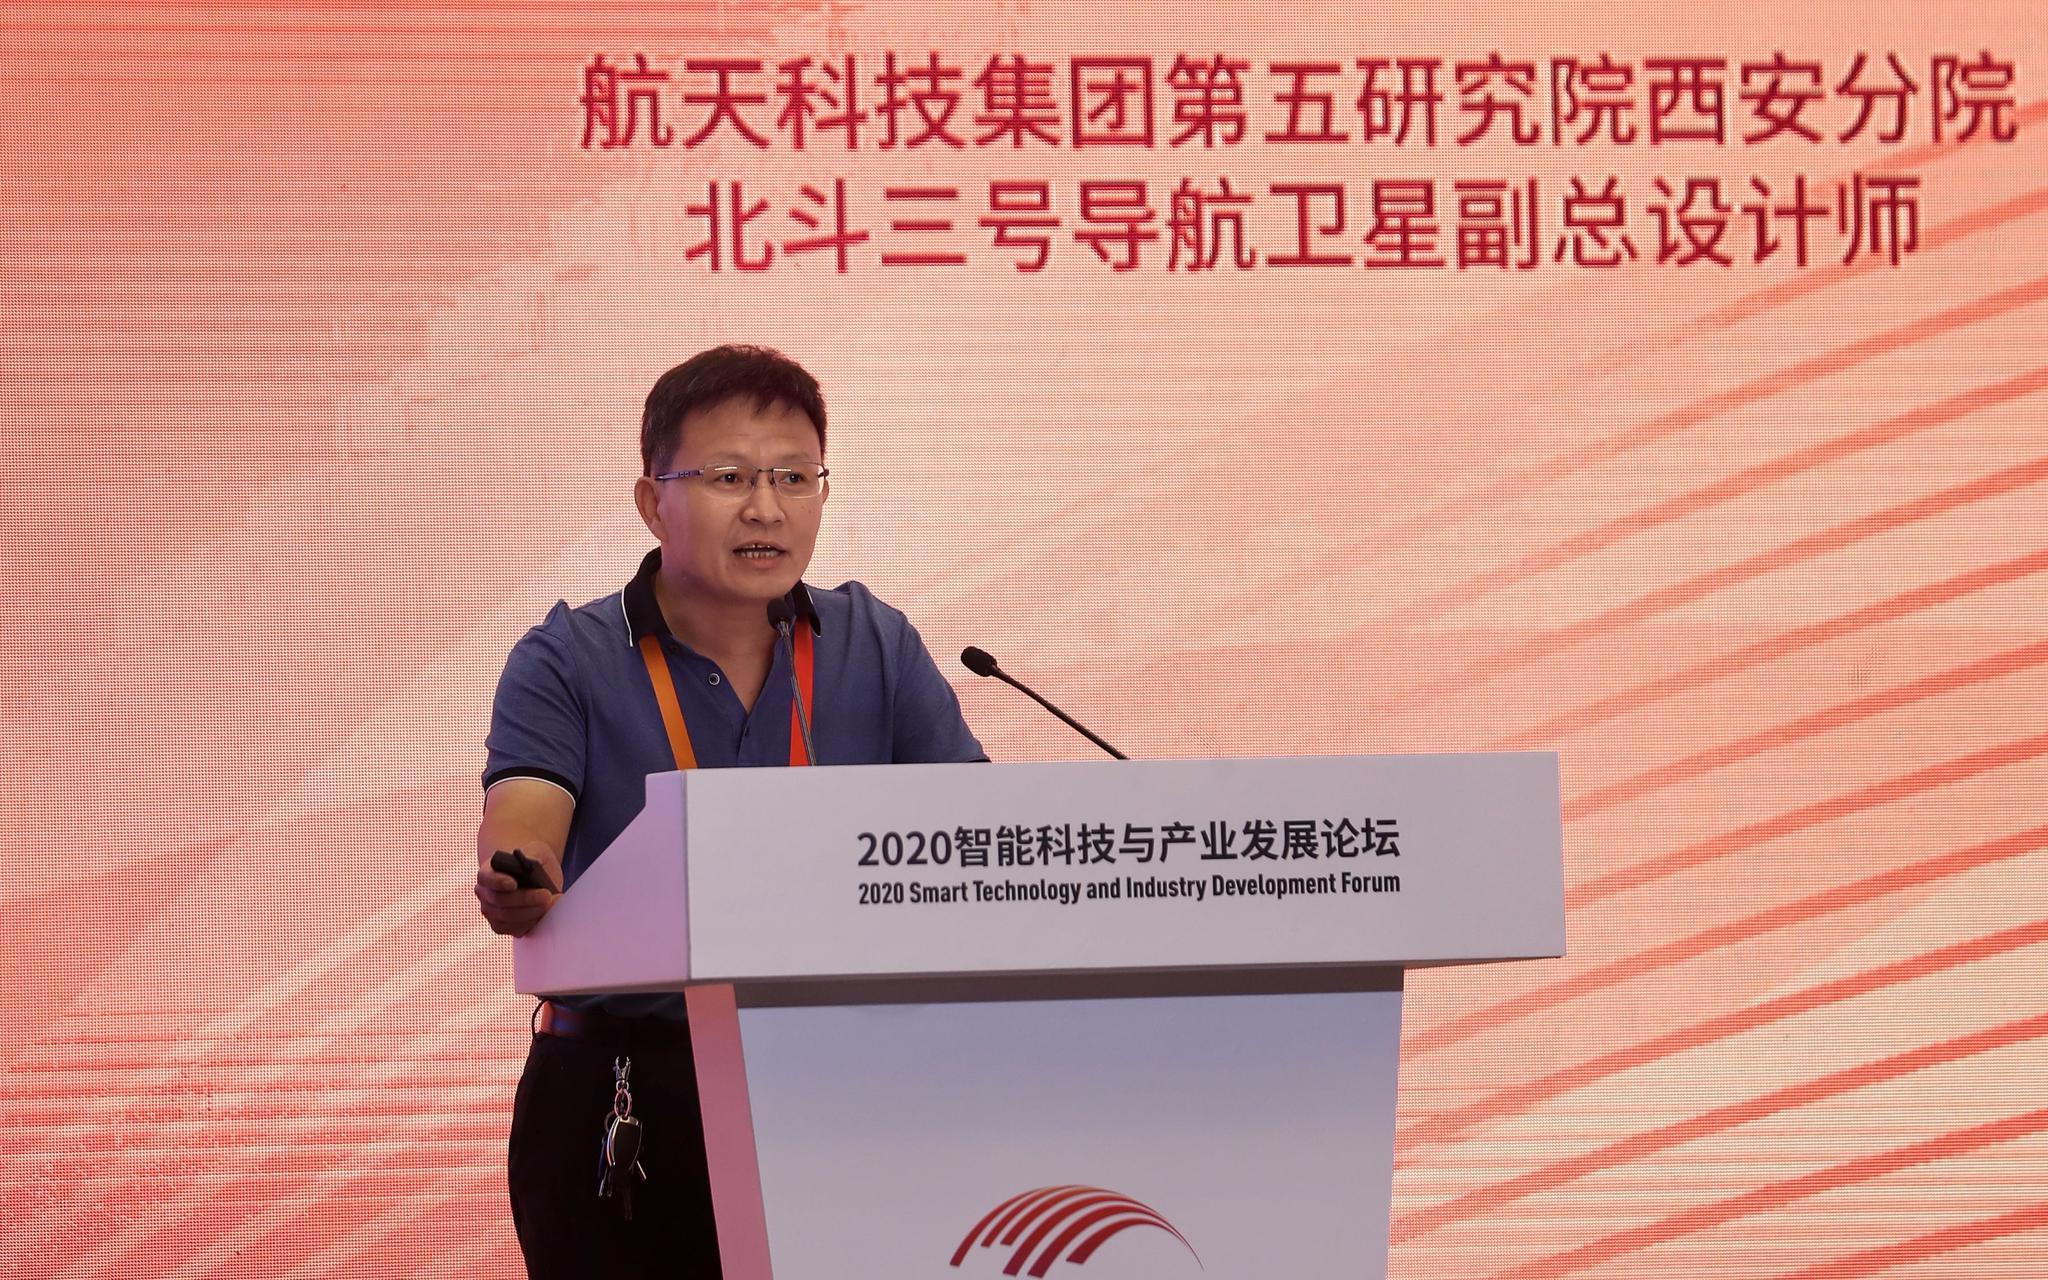 张立新发表演讲。新京报记者 王贵彬 摄